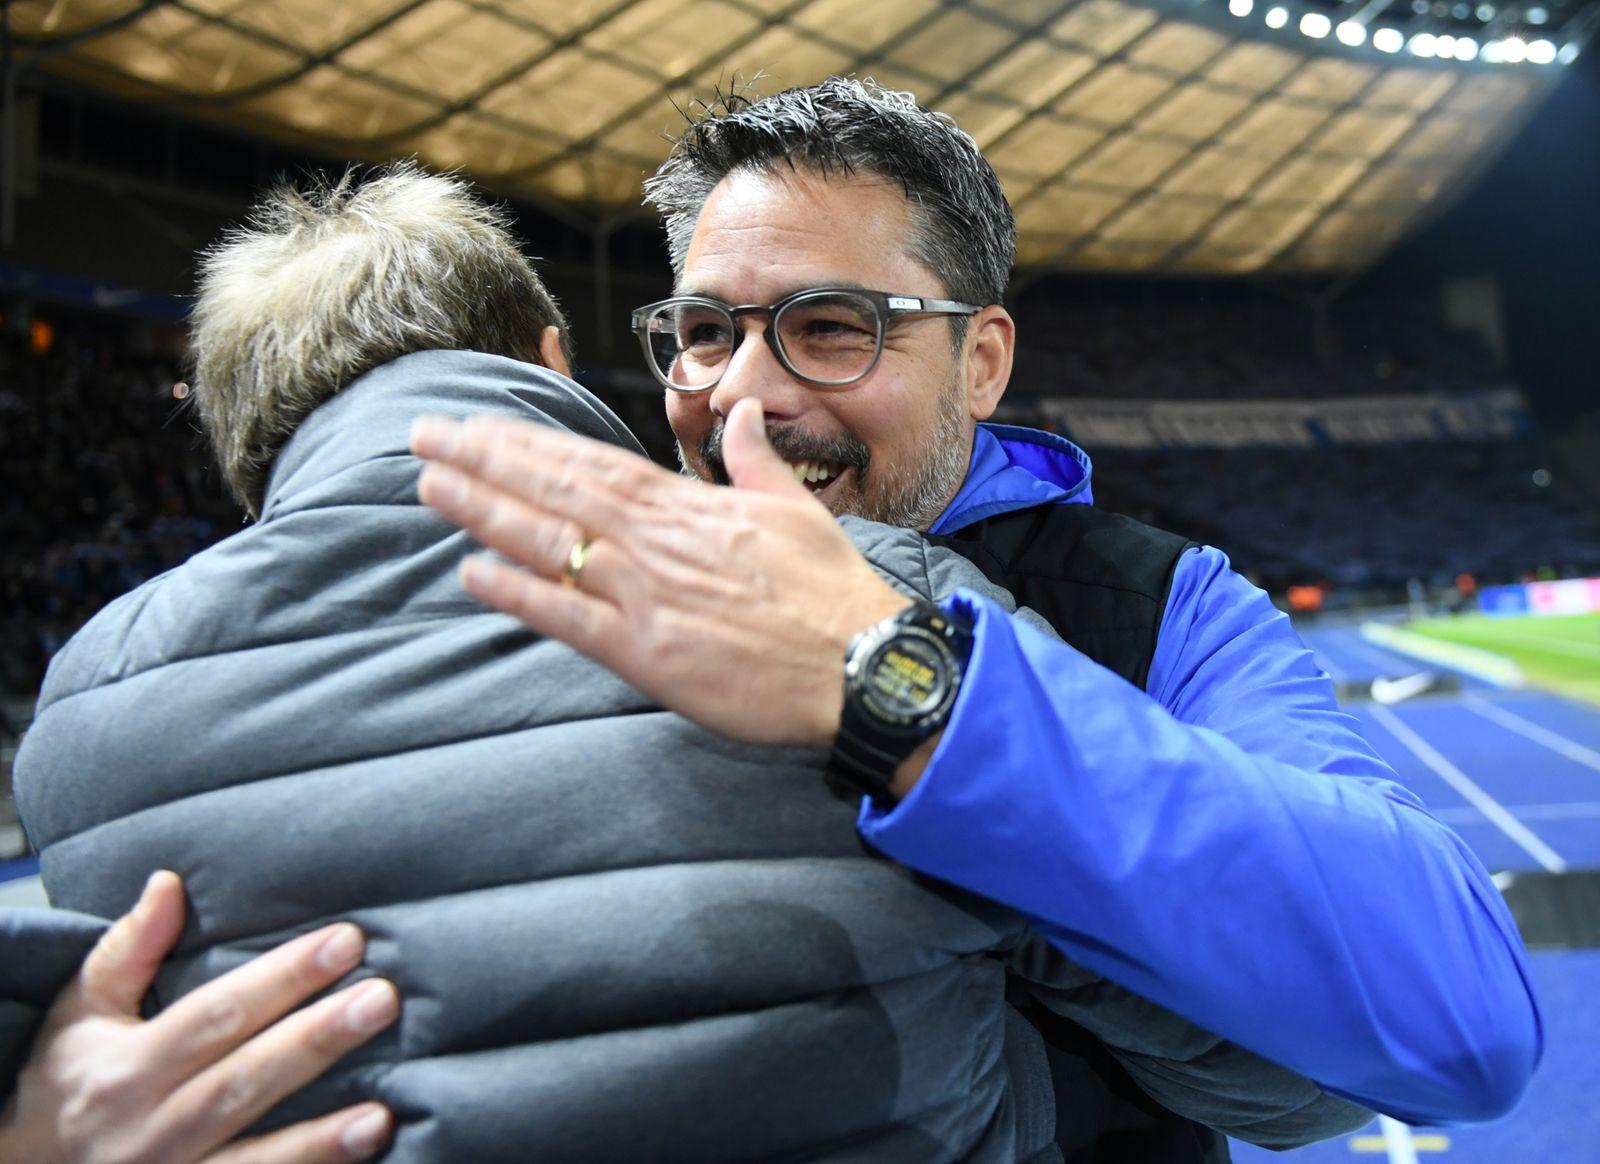 Bundesliga - Hertha BSC v Schalke 04